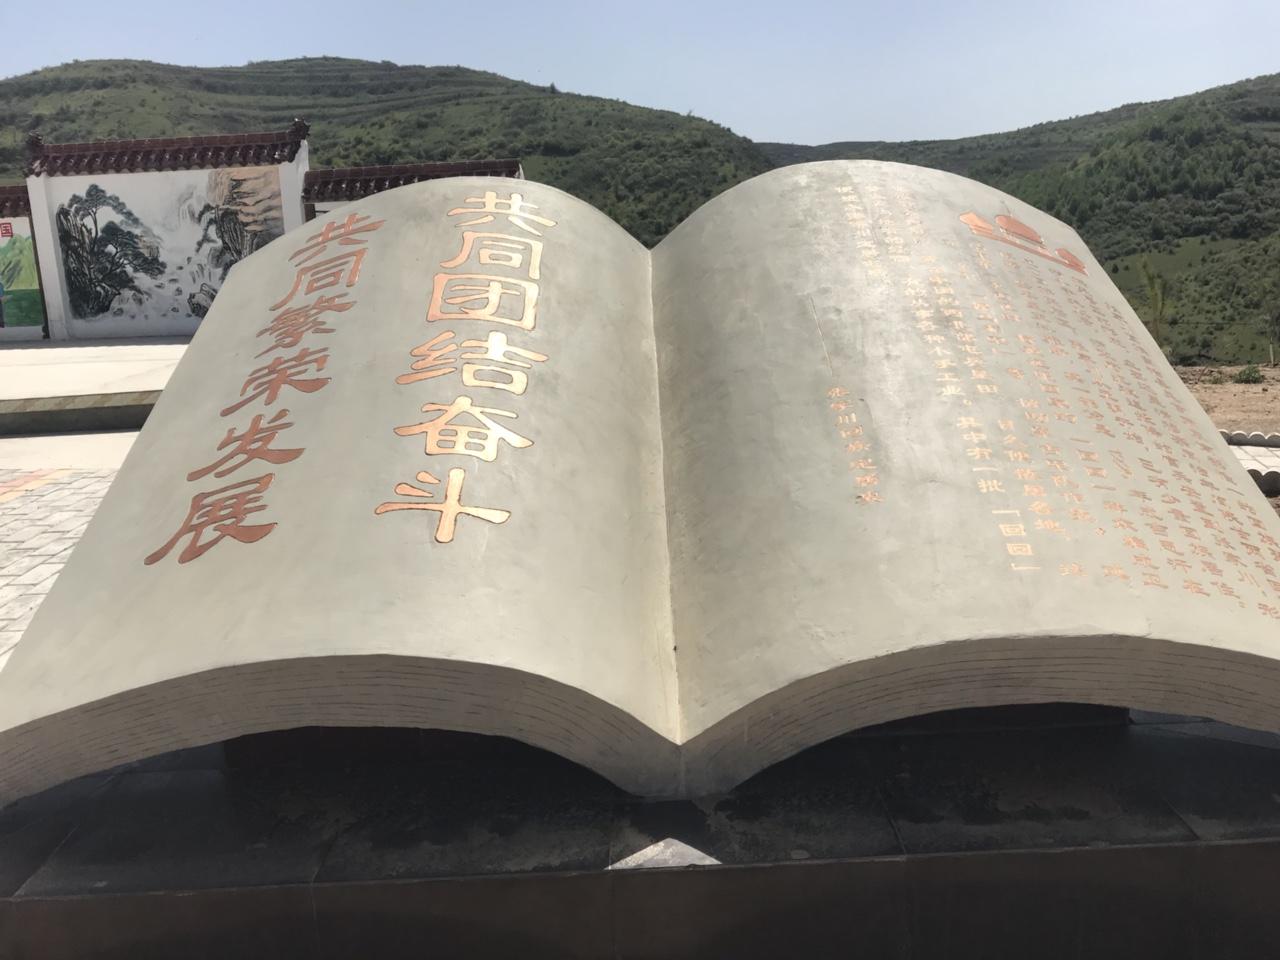 【文化惠民】闫家陈家庙村综合文化服务中心惊艳亮相